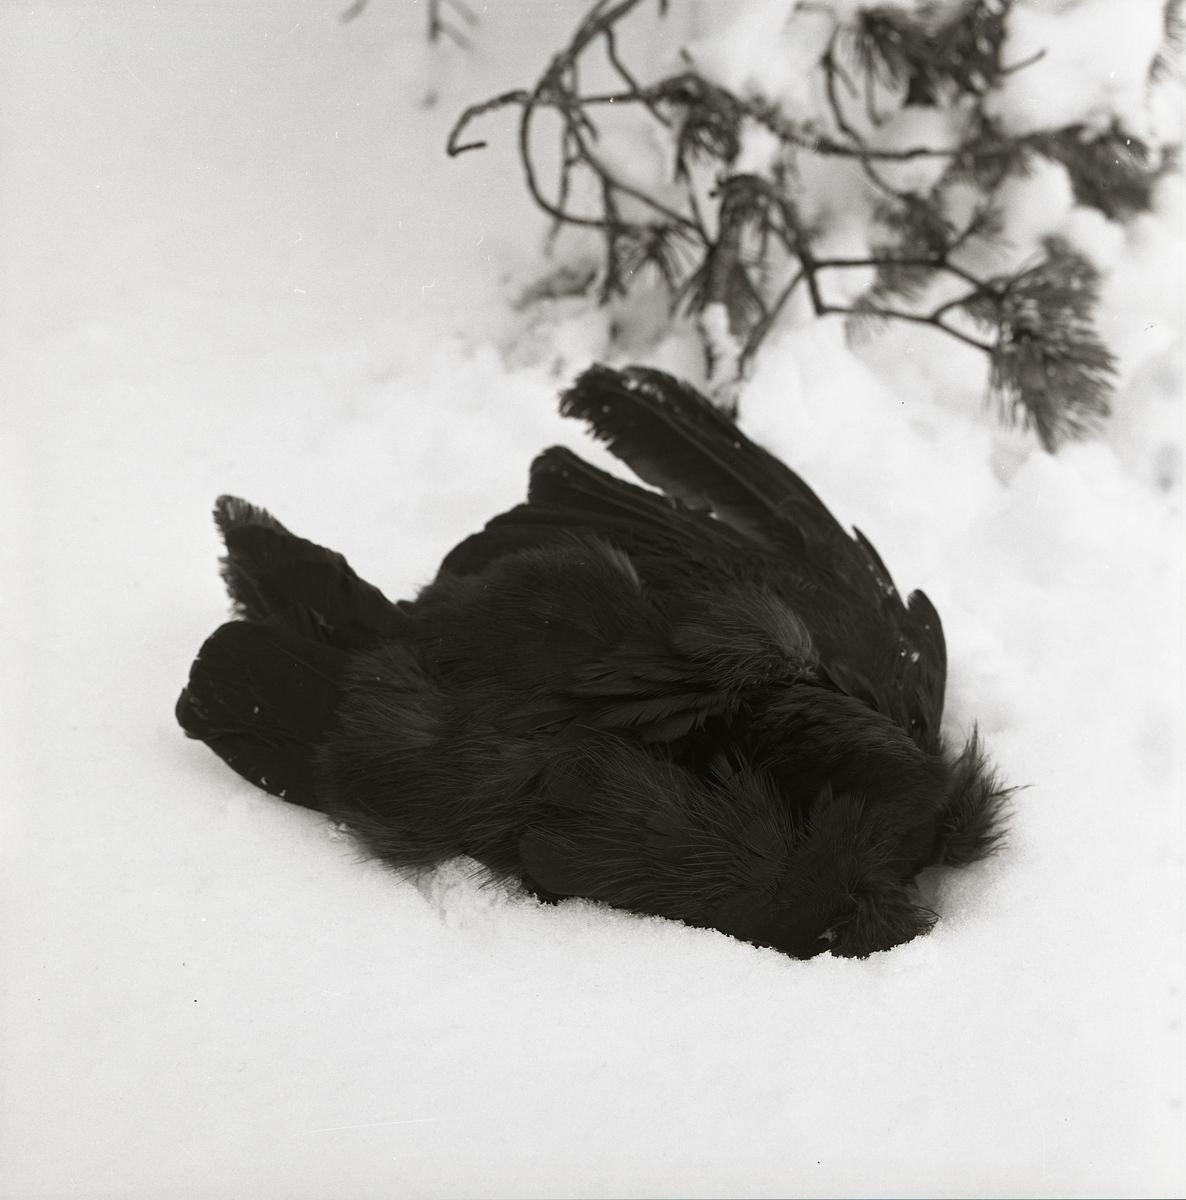 Död spillkråka i snön på Skogberget, april 1966.